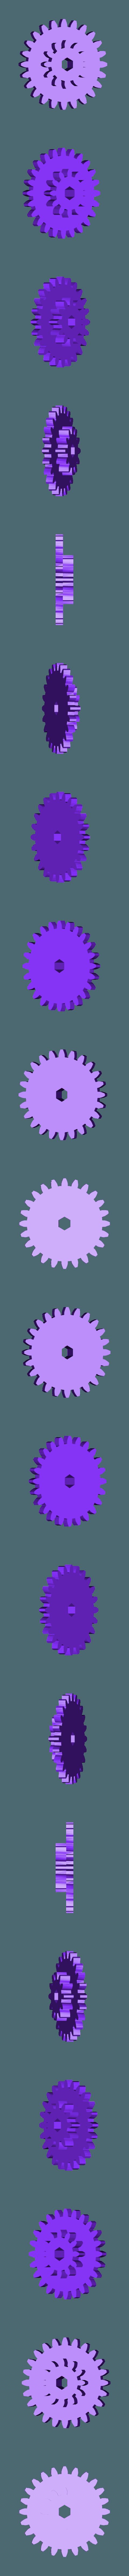 Gear_Axle_Wheel.stl Télécharger fichier STL gratuit Hélicoptère Pull, Push, Downhill Toy 2 • Design pour imprimante 3D, gzumwalt